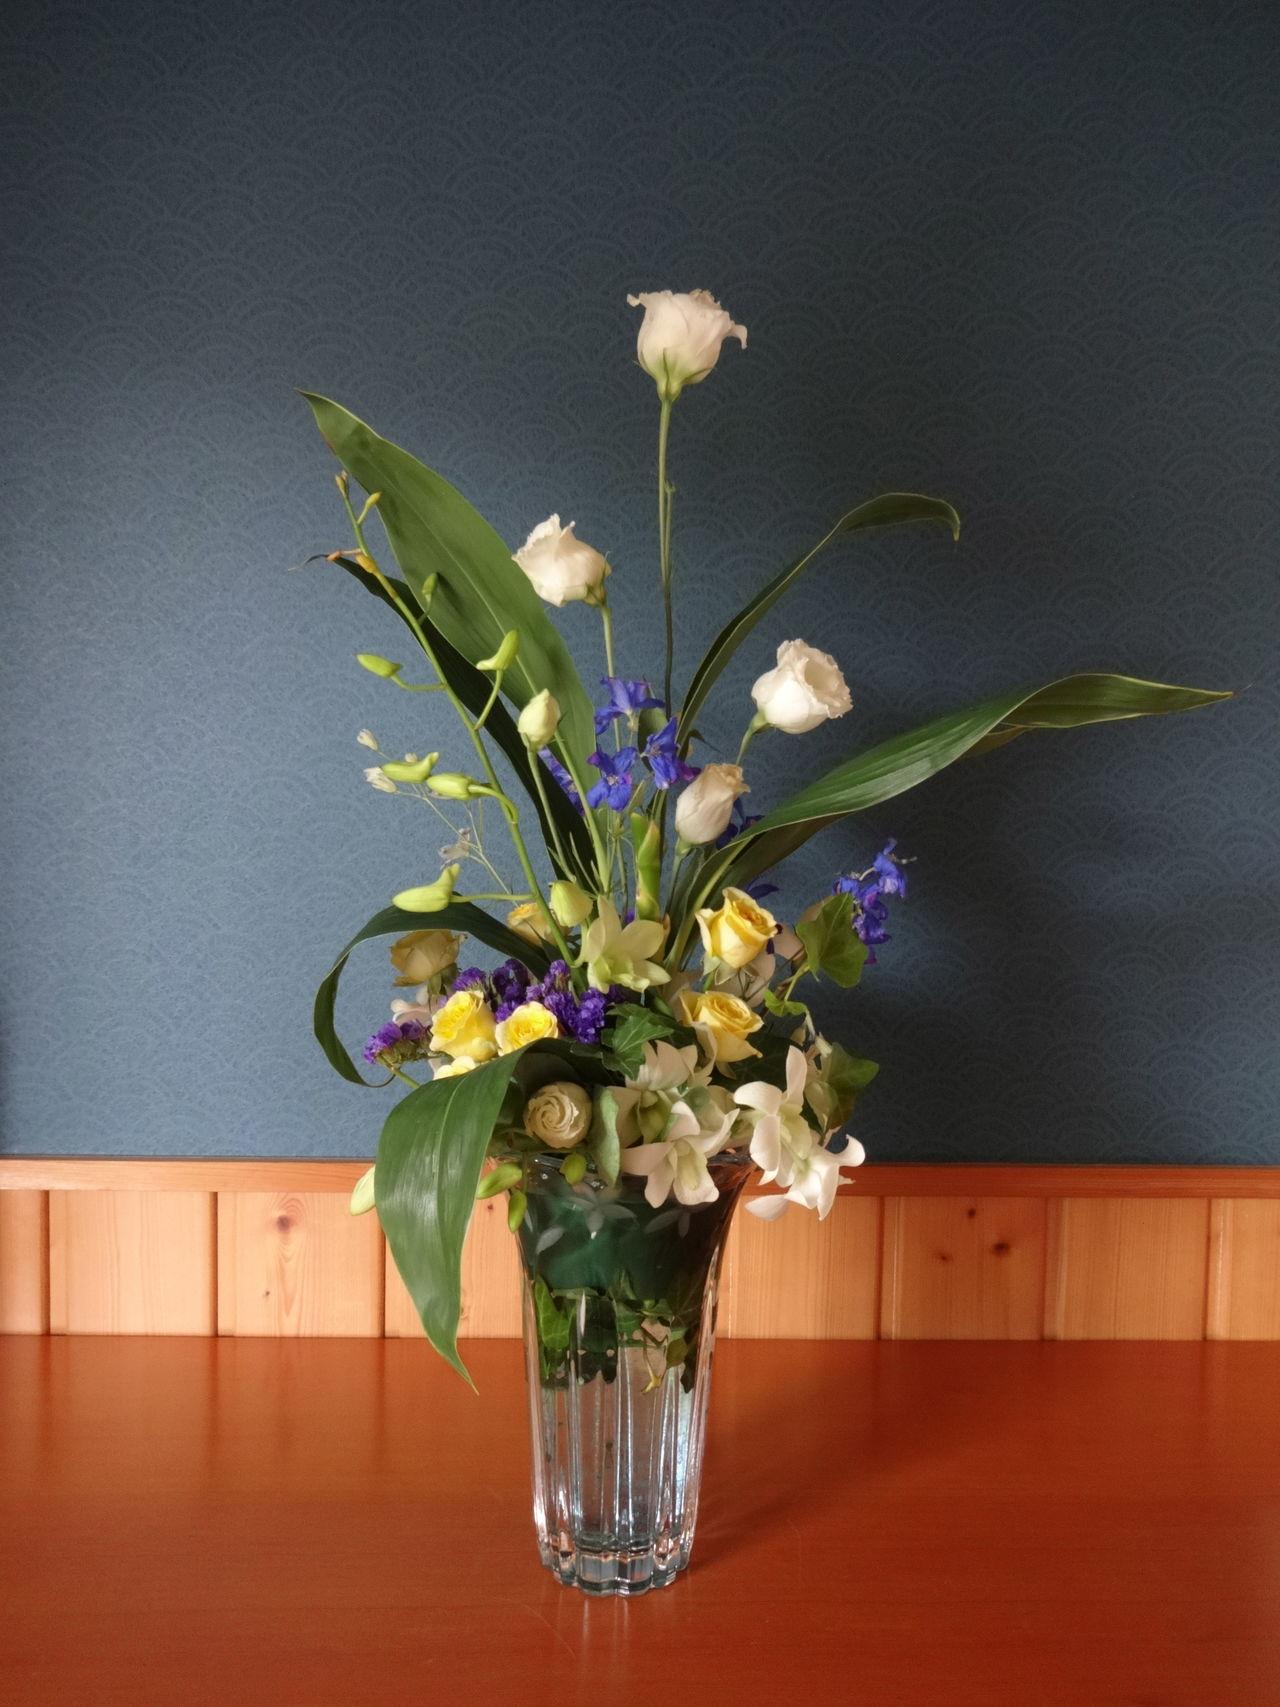 Beautiful stock photos of thank you, Bouquet, Day, Flower, Flower Arrangement